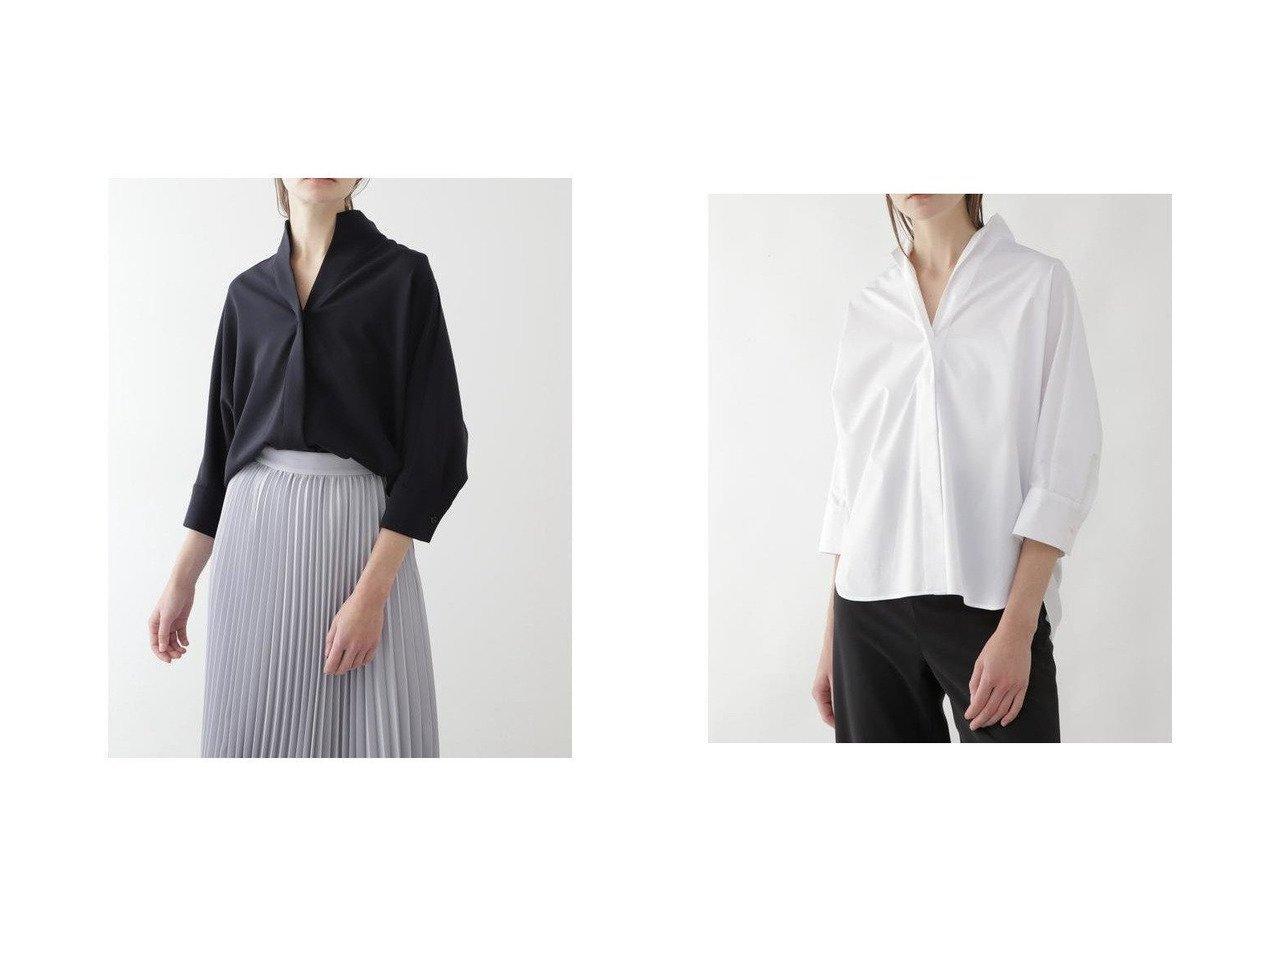 【BOSCH/ボッシュ】のVISPOLYNOトロピカルセットアップシャツ&スタンドカラーシャツ BOSCHのおすすめ!人気、トレンド・レディースファッションの通販 おすすめで人気の流行・トレンド、ファッションの通販商品 メンズファッション・キッズファッション・インテリア・家具・レディースファッション・服の通販 founy(ファニー) https://founy.com/ ファッション Fashion レディースファッション WOMEN トップス カットソー Tops Tshirt シャツ/ブラウス Shirts Blouses セットアップ Setup トップス Tops セットアップ フロント ポンチョ マニッシュ リラックス |ID:crp329100000019942